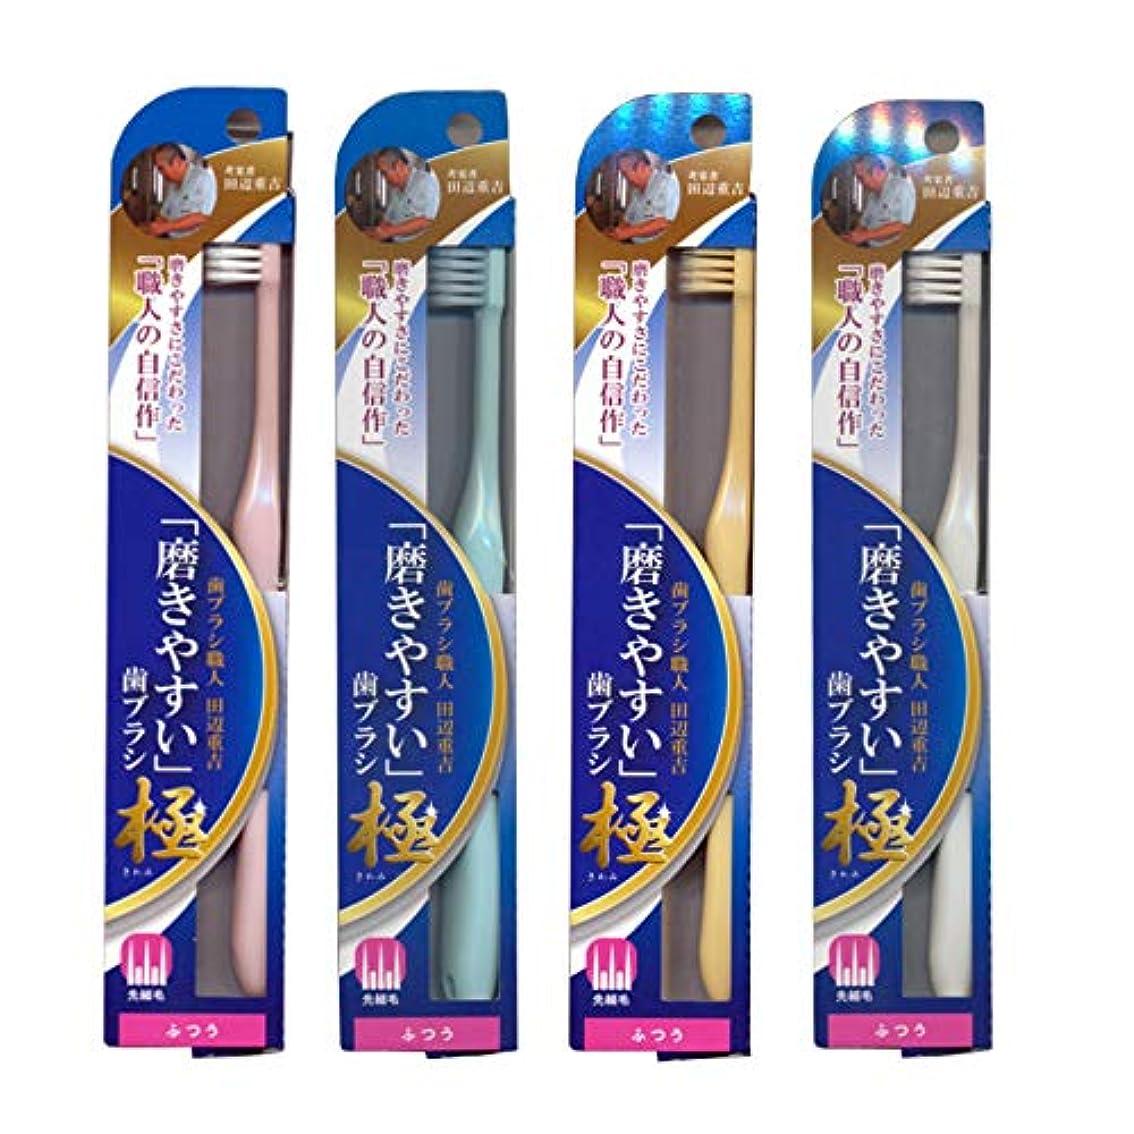 ミサイルマーカー選挙磨きやすい歯ブラシ極 (ふつう) LT-44×4本セット(ピンク×1、ブルー×1、ホワイト×1、イエロー×1)先細毛